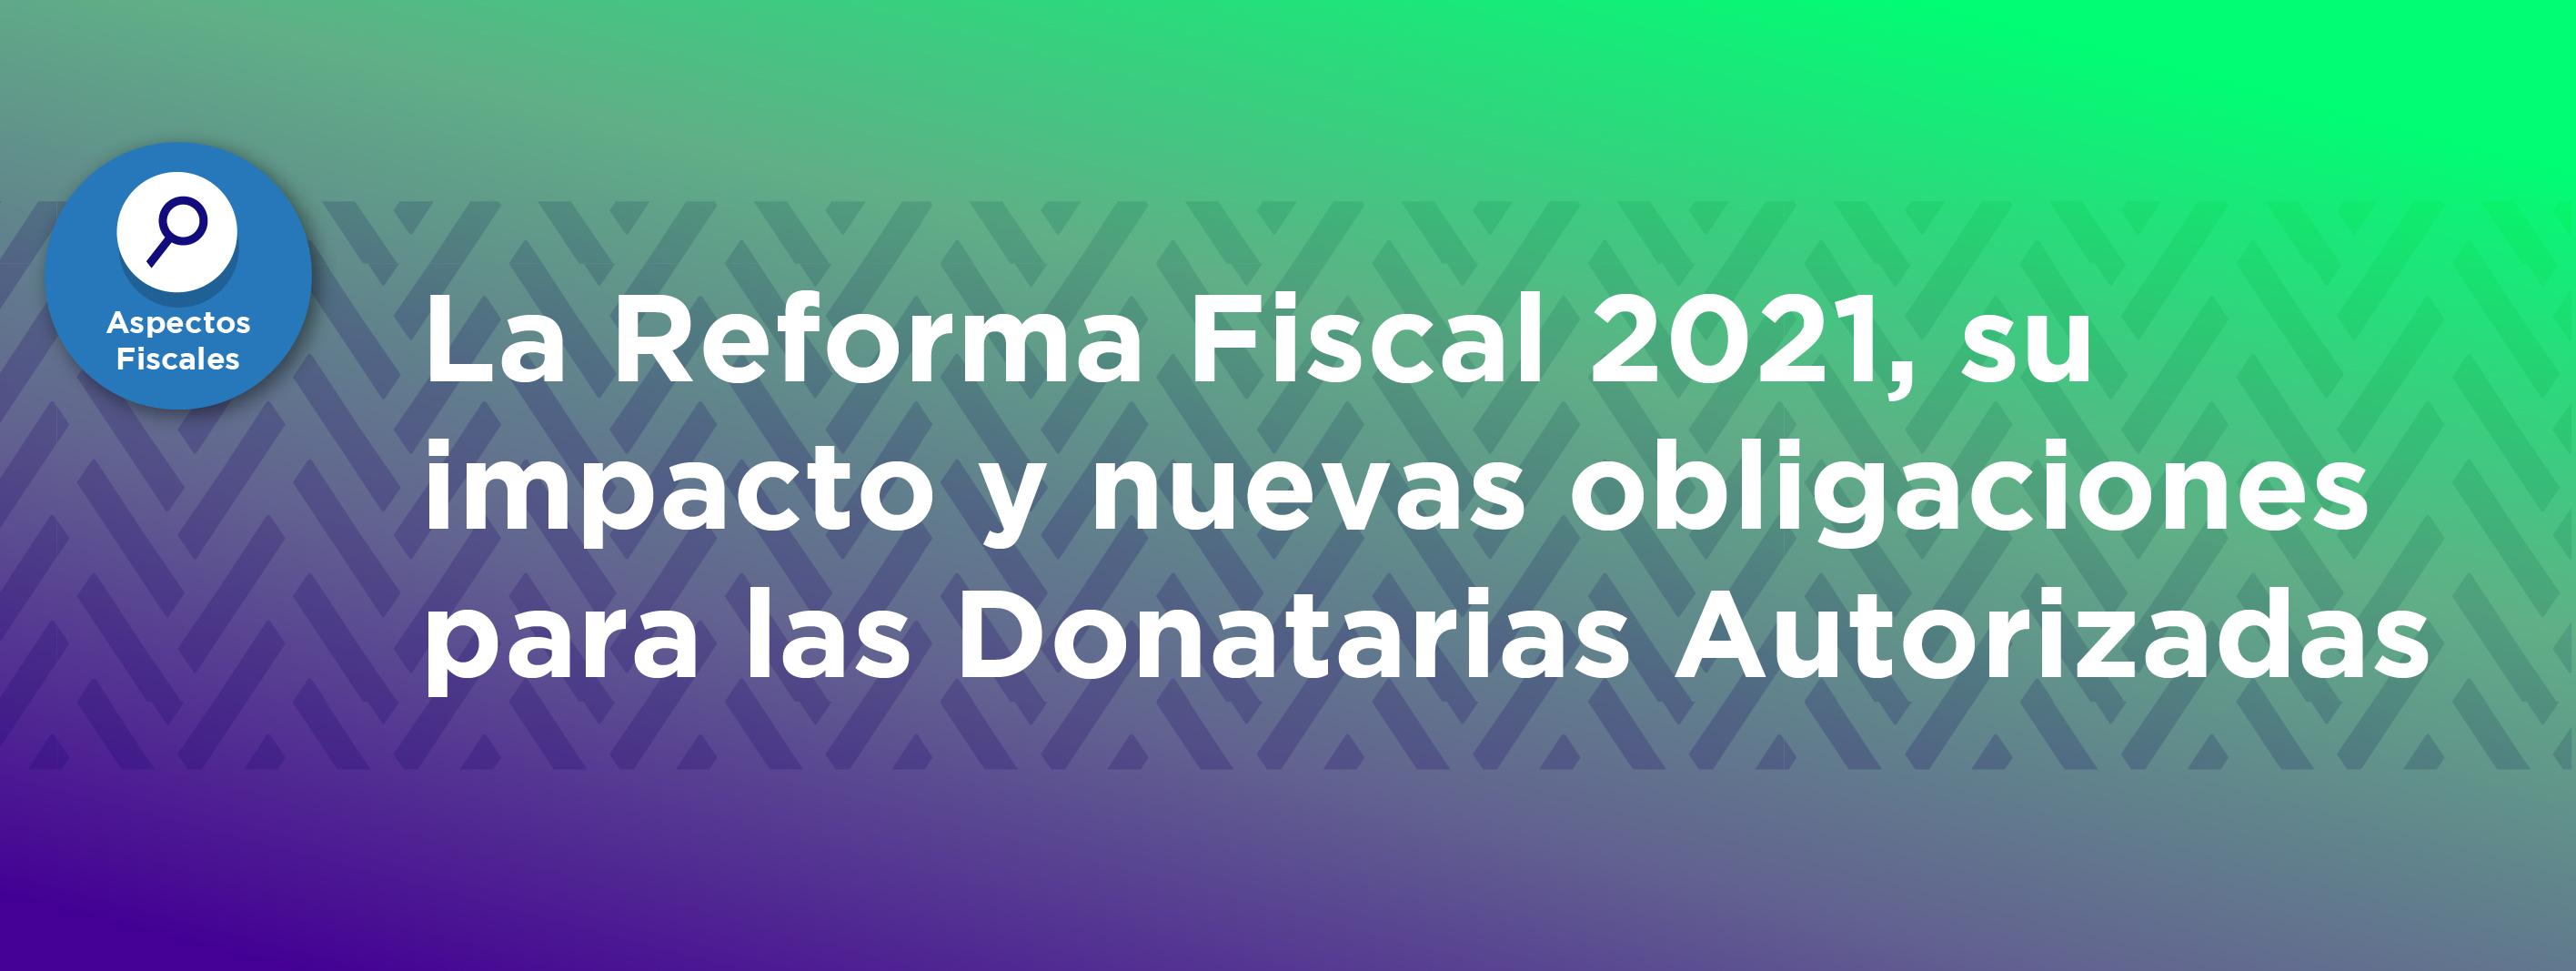 La Reforma Fiscal 2021, su impacto y nuevas obligaciones para las Donatarias Autorizadas